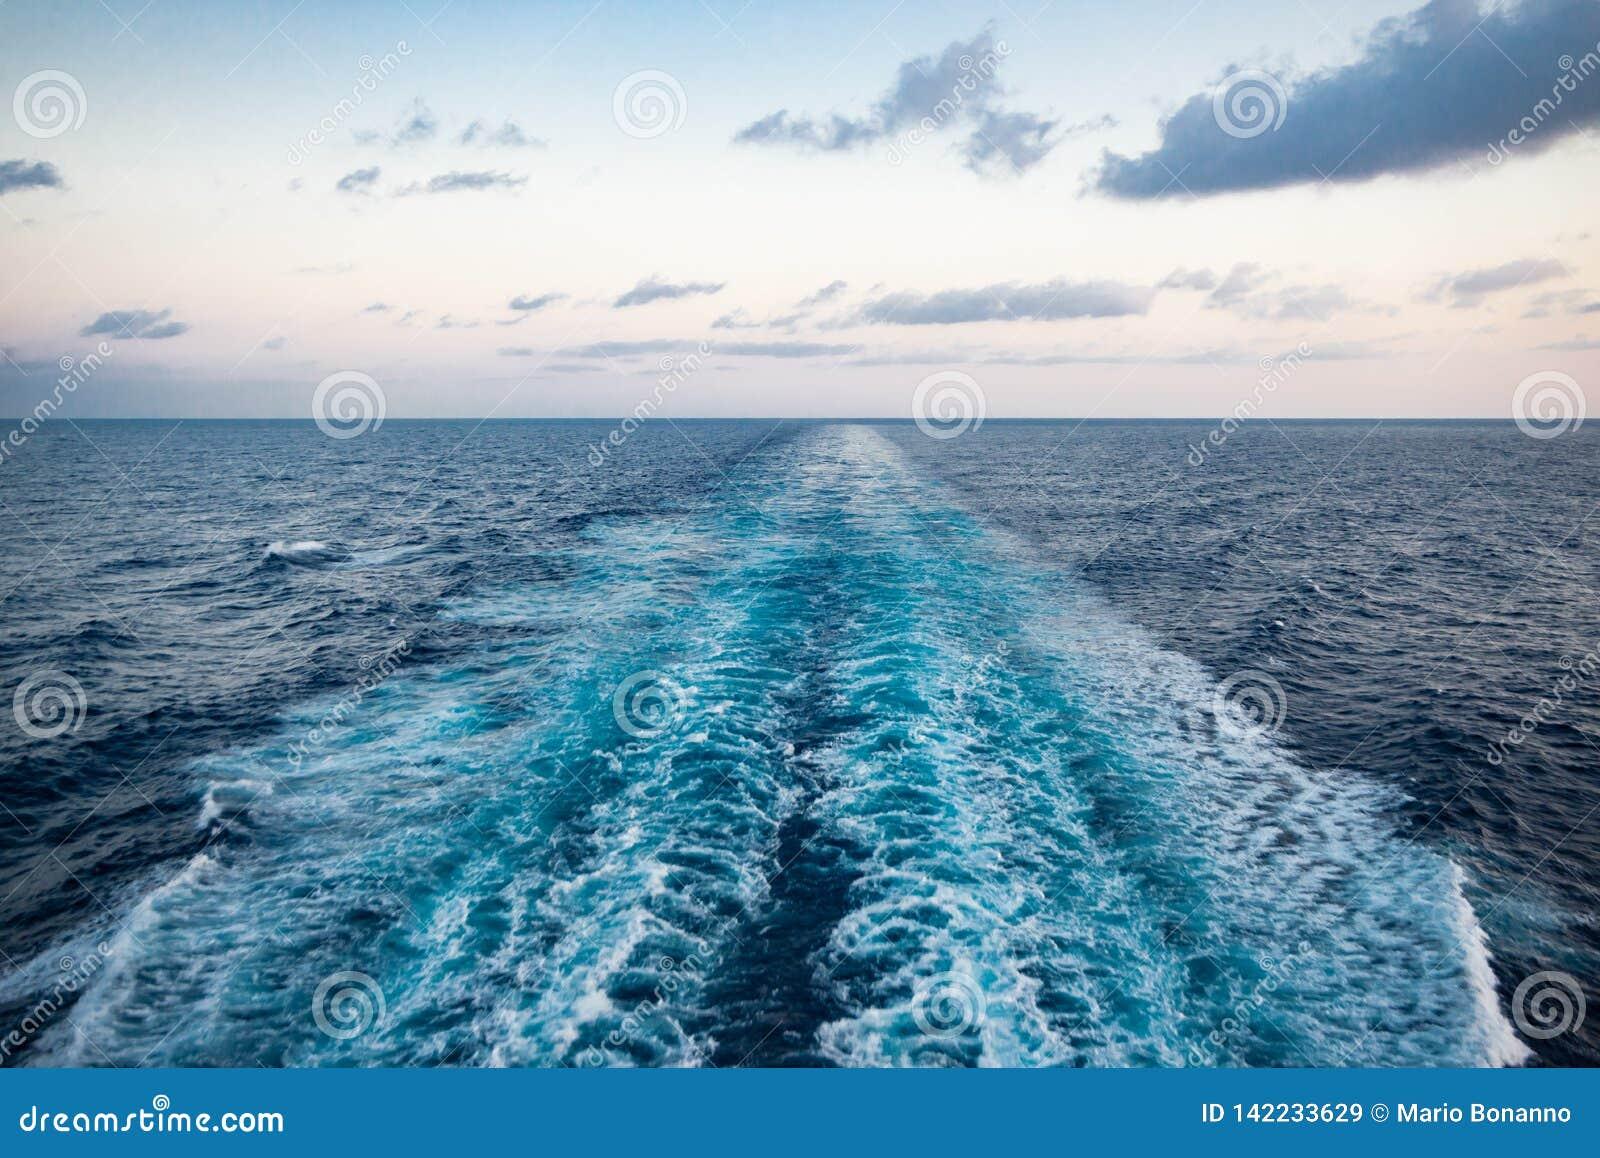 Vista cênico do mar da proa de um navio de cruzeiros luxuoso, contra o nascer do sol em um céu azul bonito